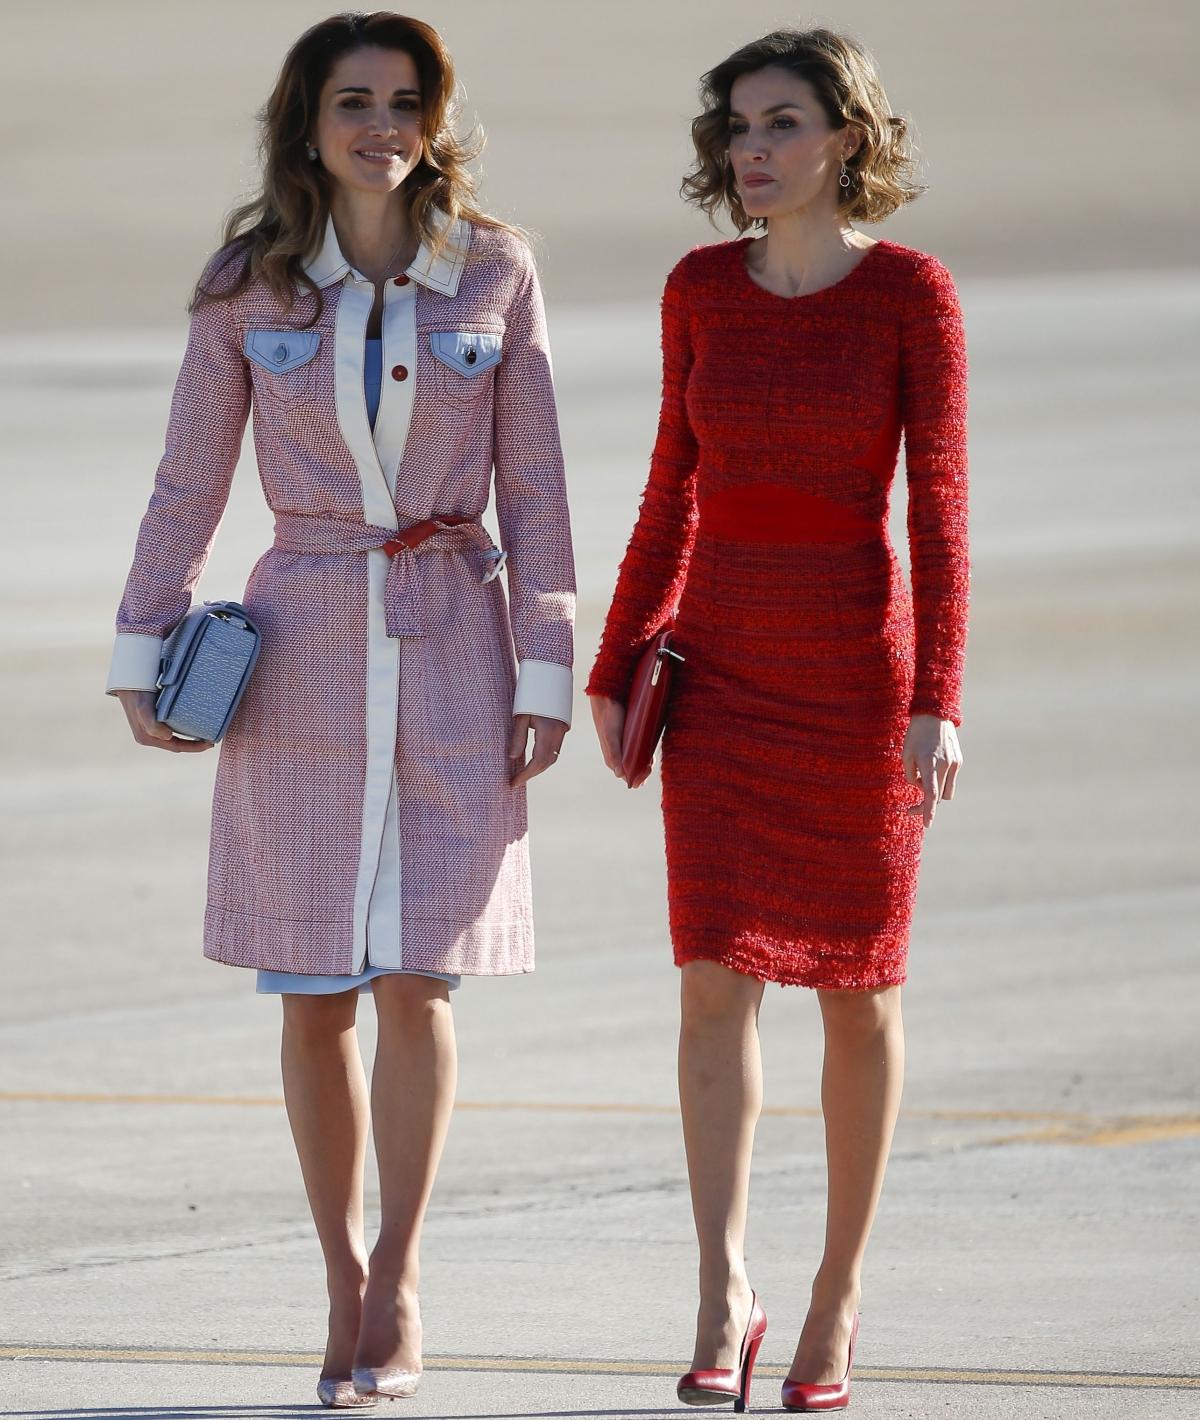 Queen Rania of Jordan's style in 2015